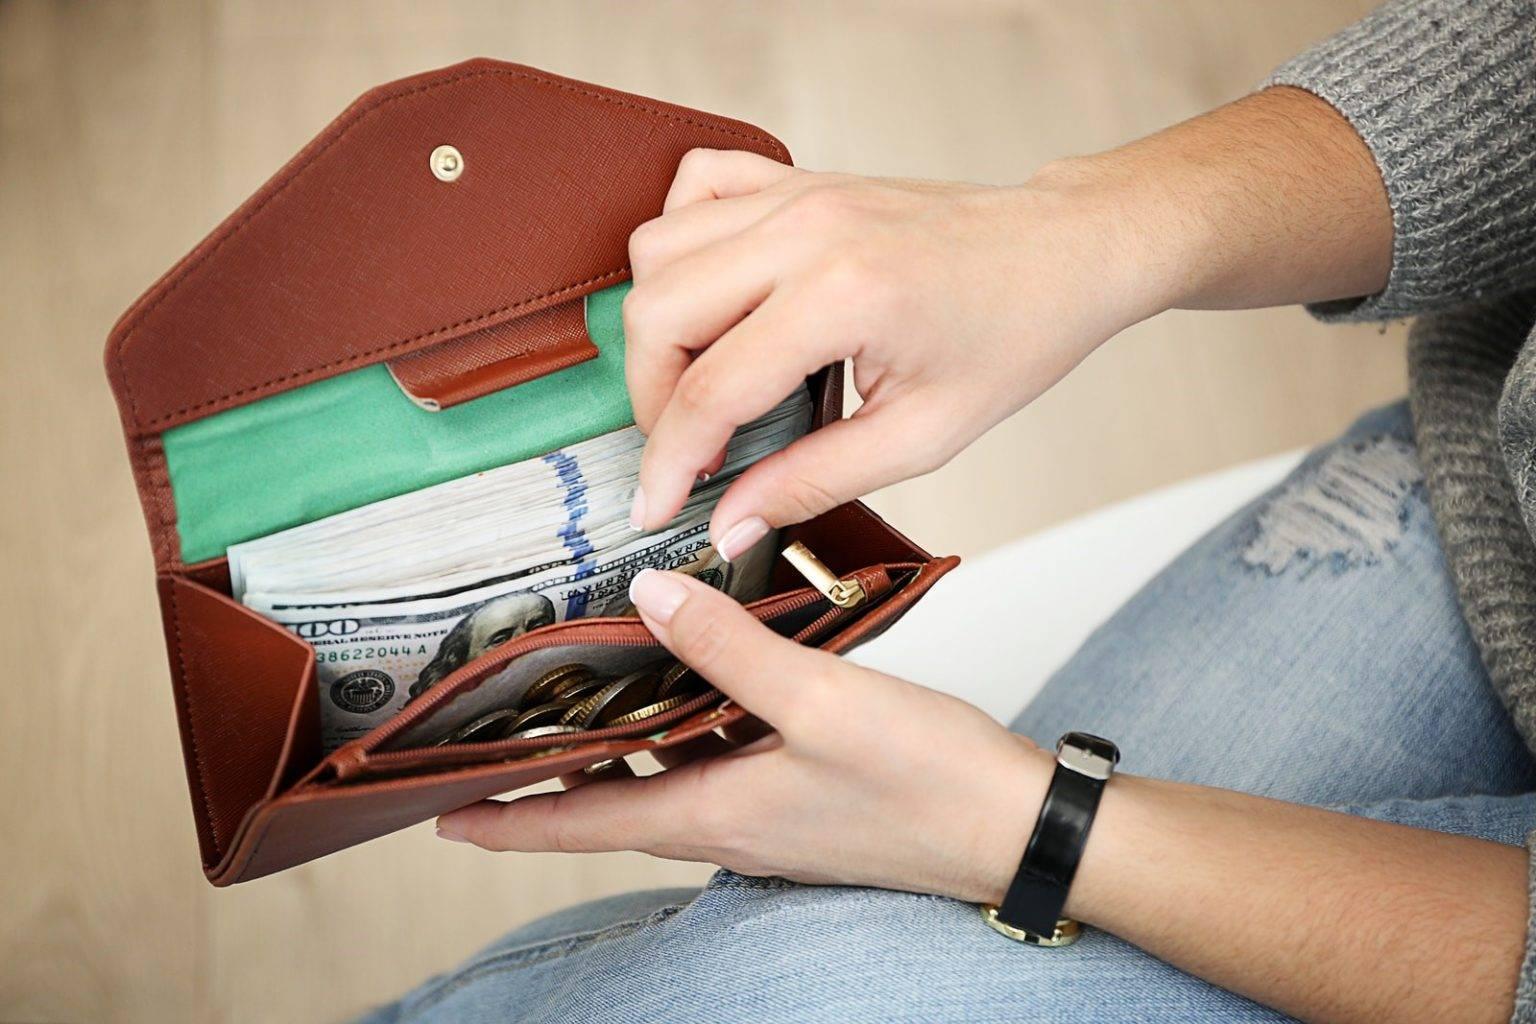 Какие цвета по фэн-шуй нужно выбирать для богатства, счастья и благополучия? | mixfacts.ru | яндекс дзен